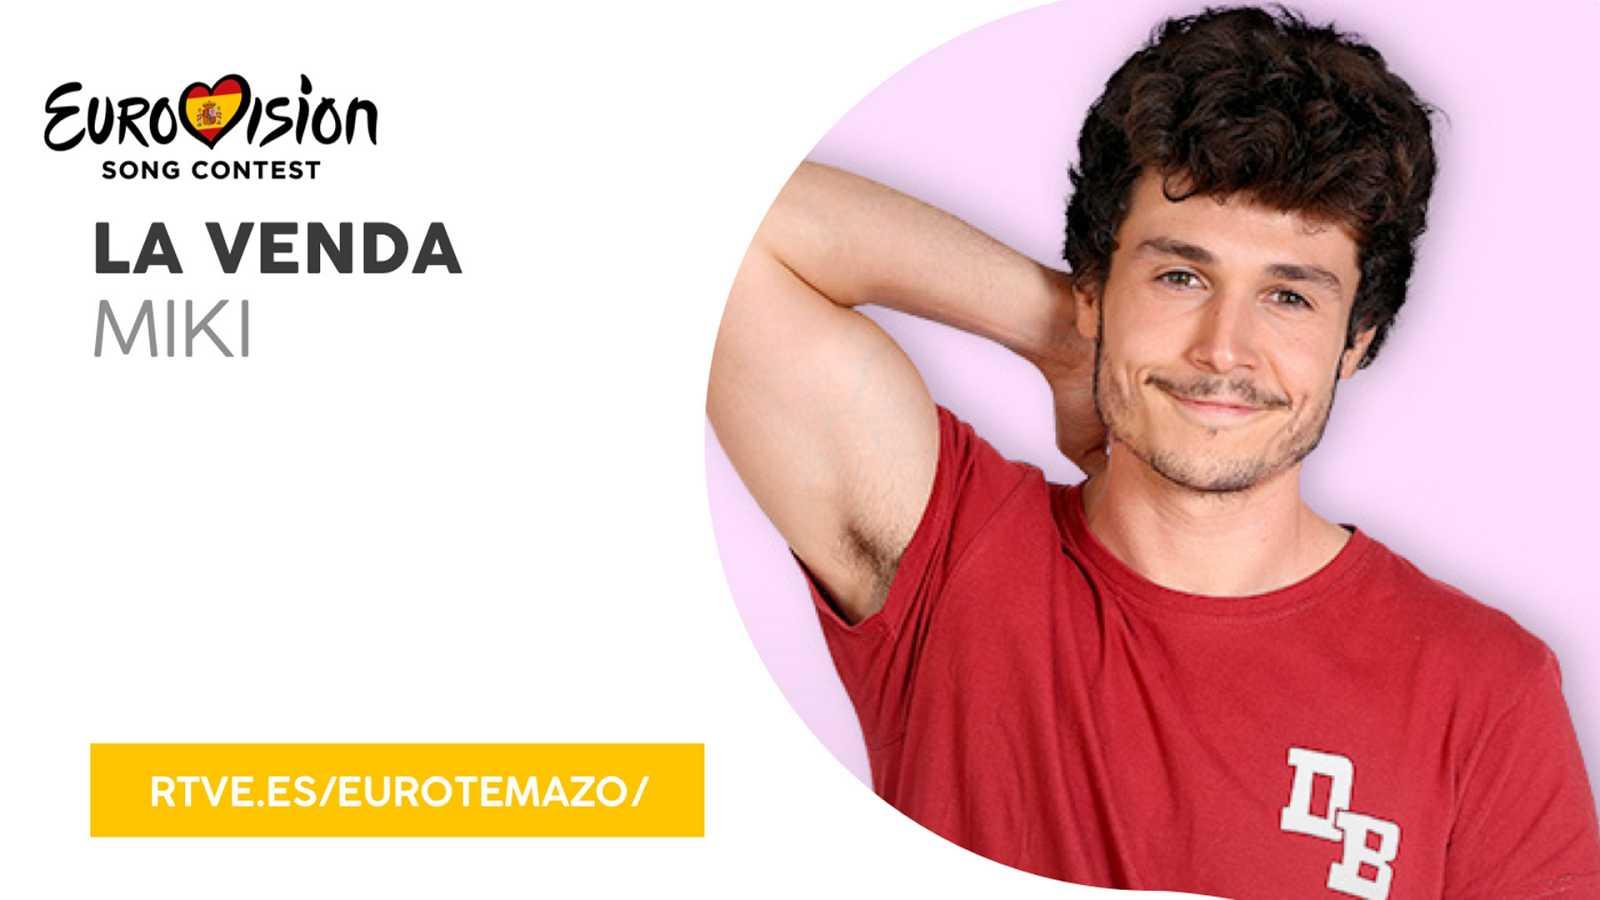 """Eurovisión 2019 - Eurotemazo: Escucha """"La venda"""" de Miki"""